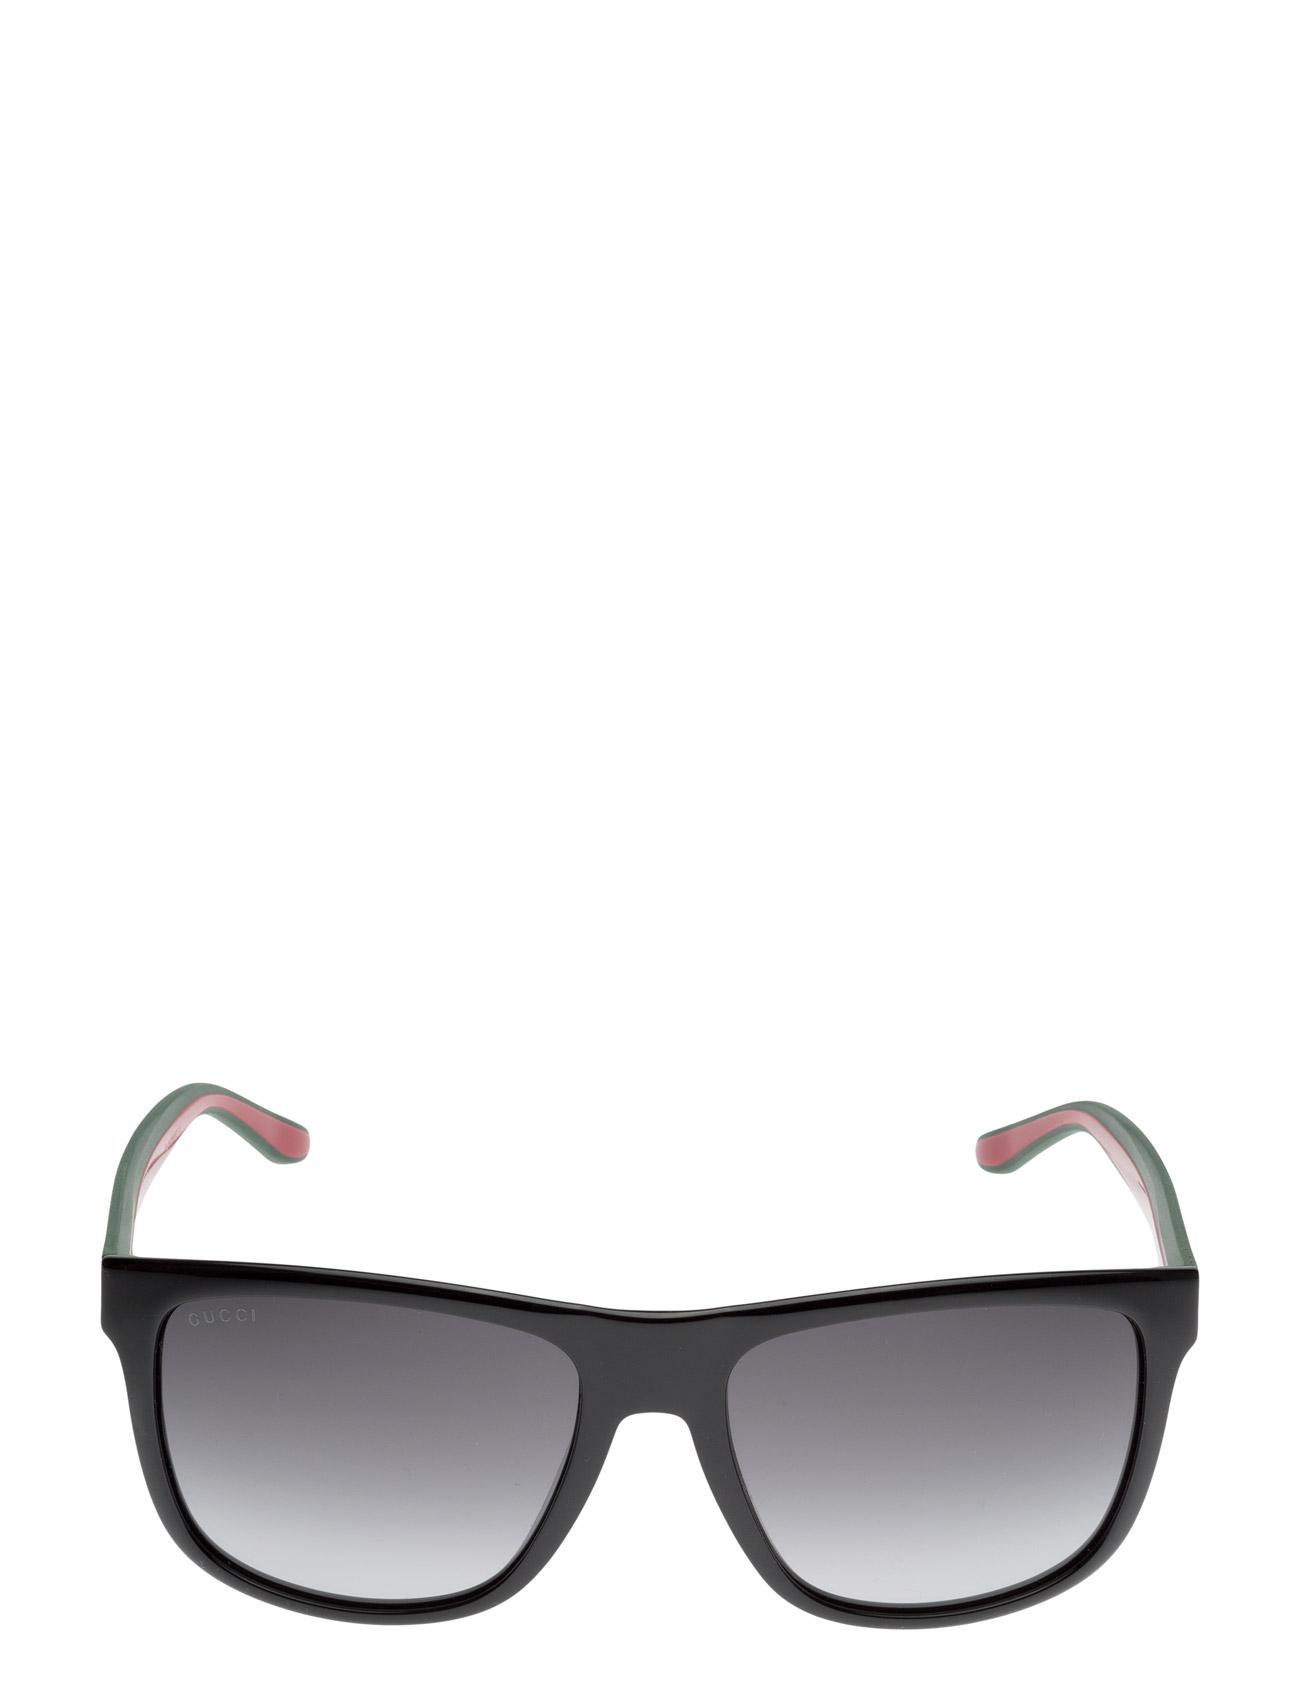 34dcd0d6b2f3 Gg 1118 S Gucci Sunglasses Solbriller til Mænd i